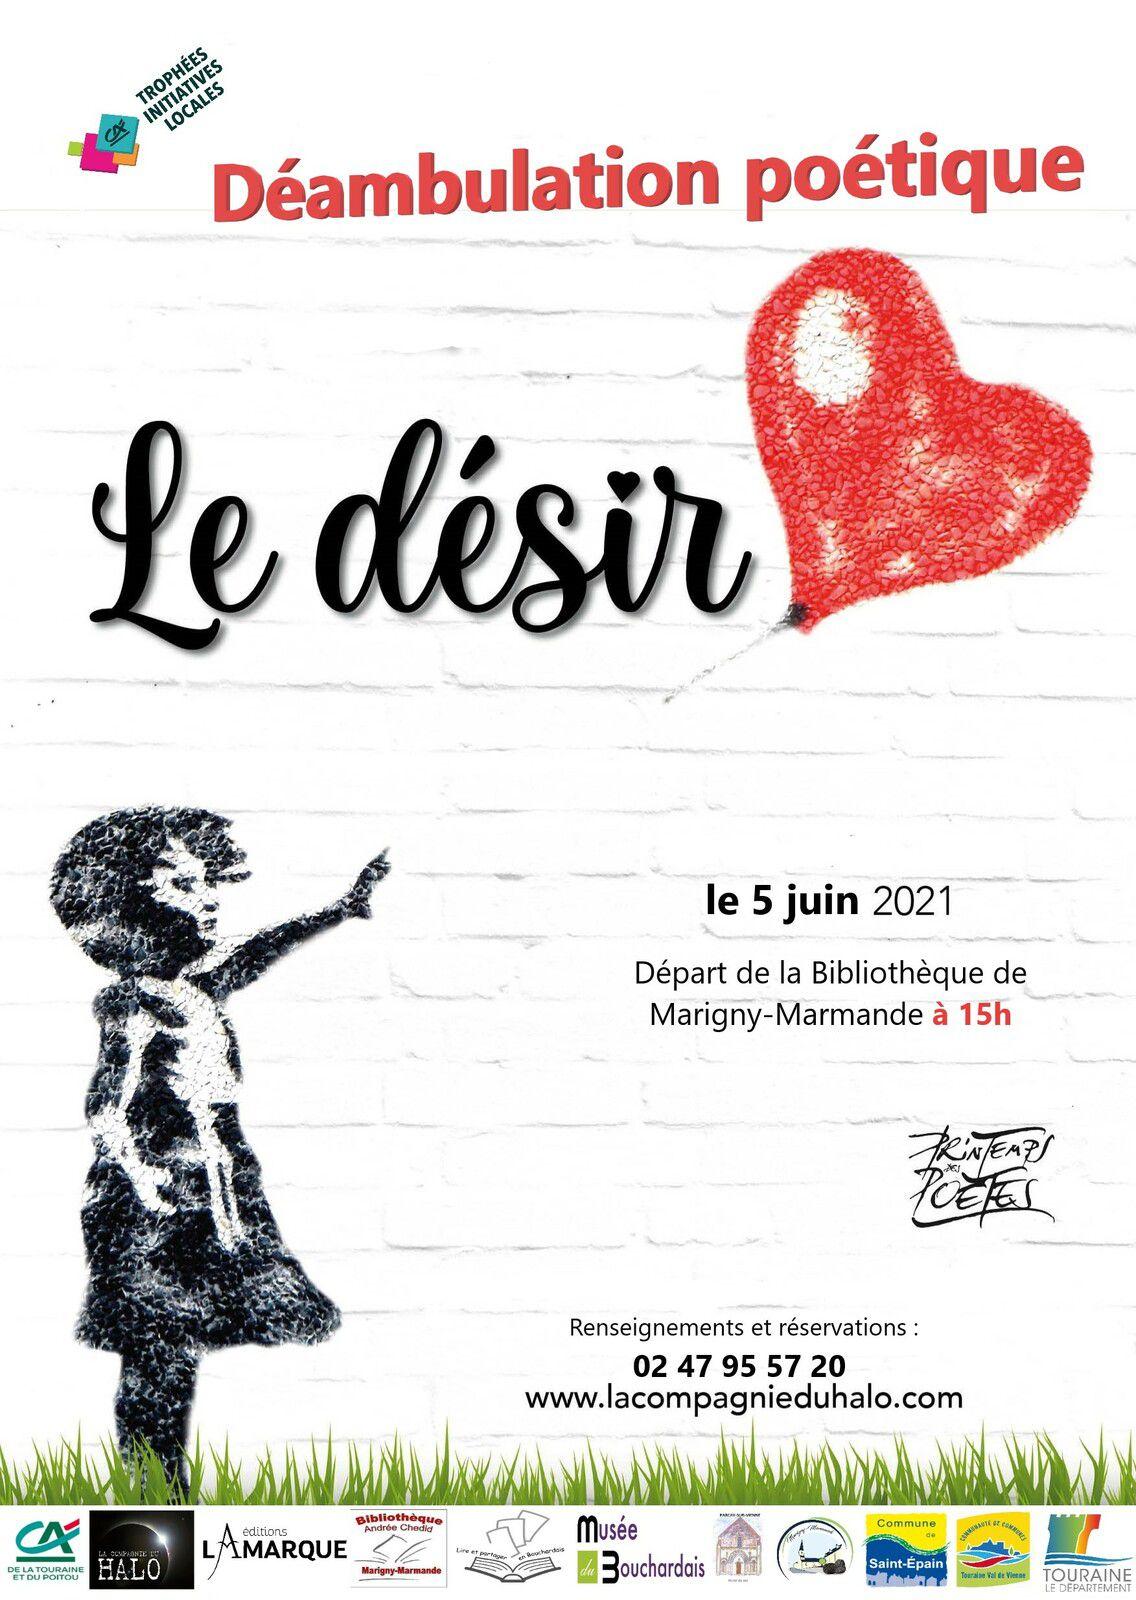 Déambulation poétique à Marigny-Marmande à 15 h le 5 juin 2021